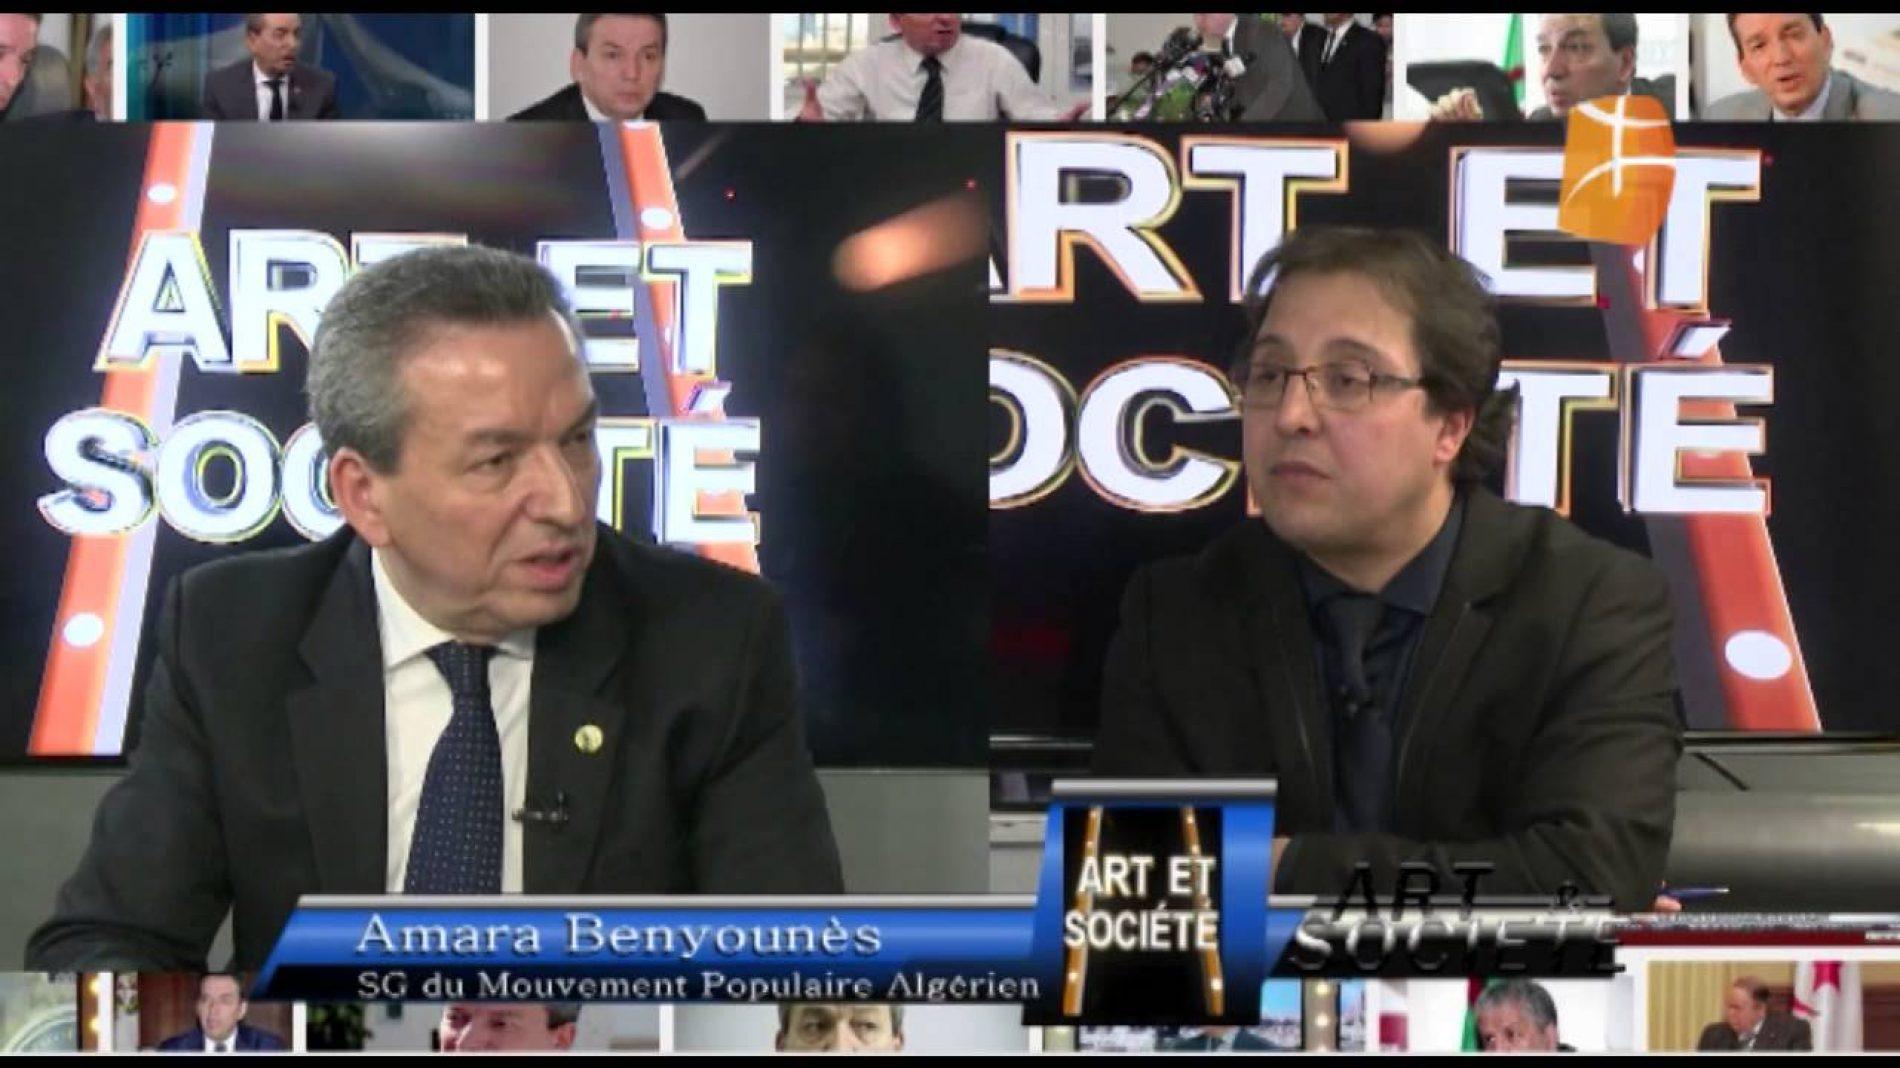 Extrait du passage de Amara Benyounes sur le plateau de Berbère Télévision, où il a parlé de Bouteflika, Matoub, Ferhat…